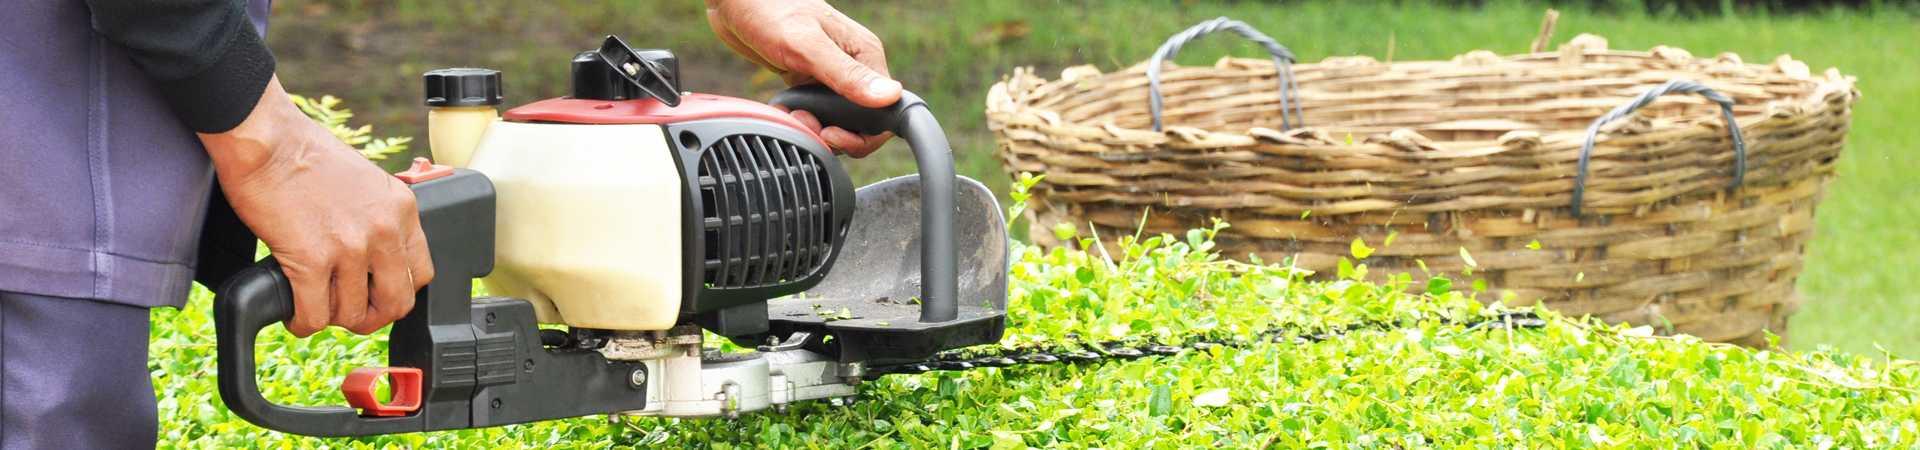 groendienst bij maatwerkbedrijf AMAB